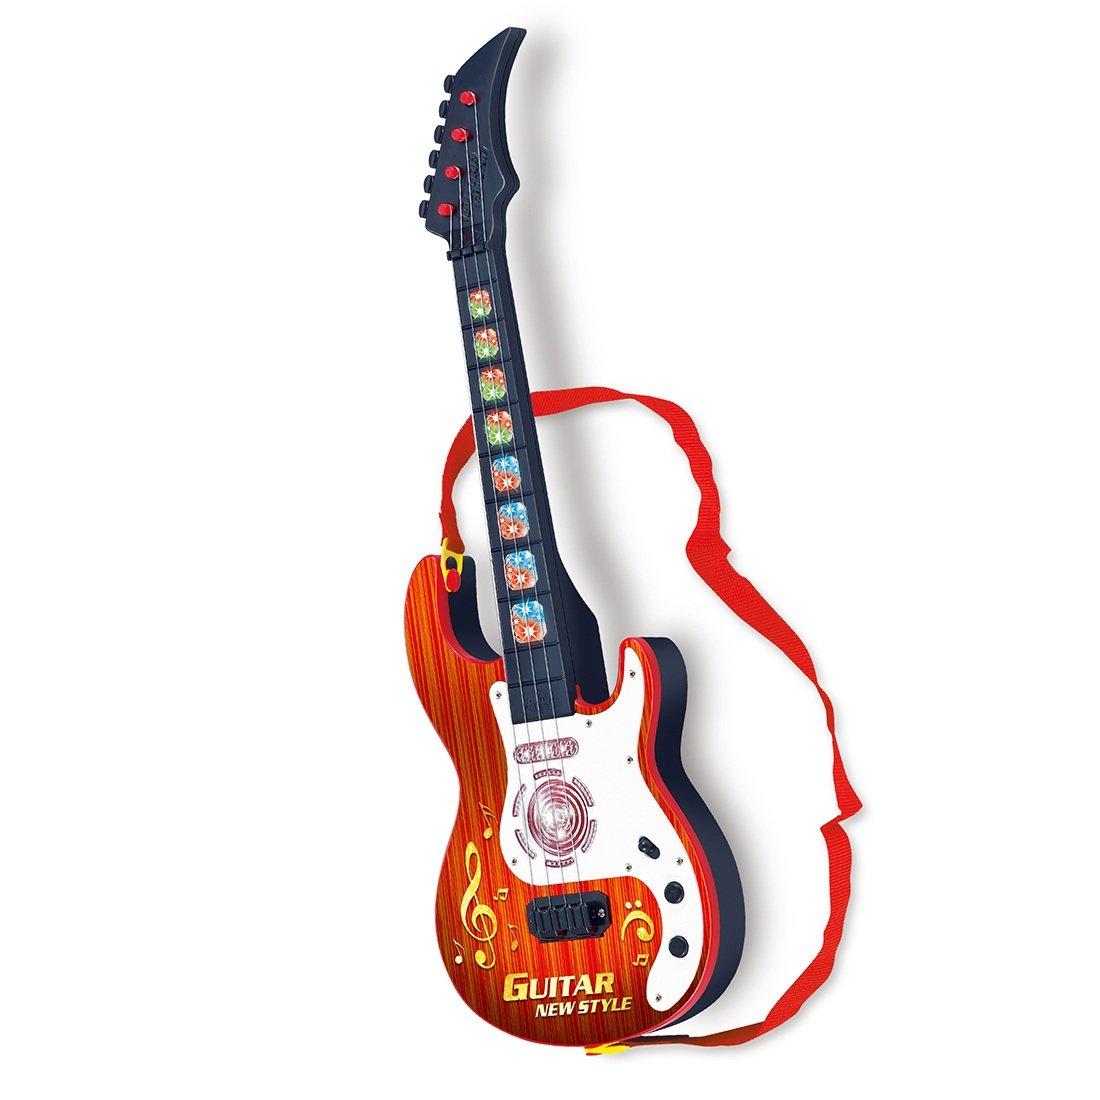 Kindergitarre, Vicoki 4 Saiten Kinder Musikinstrumente Musik Gitarre Spielzeug mit Licht und Spielfunktion für Pädagogisches